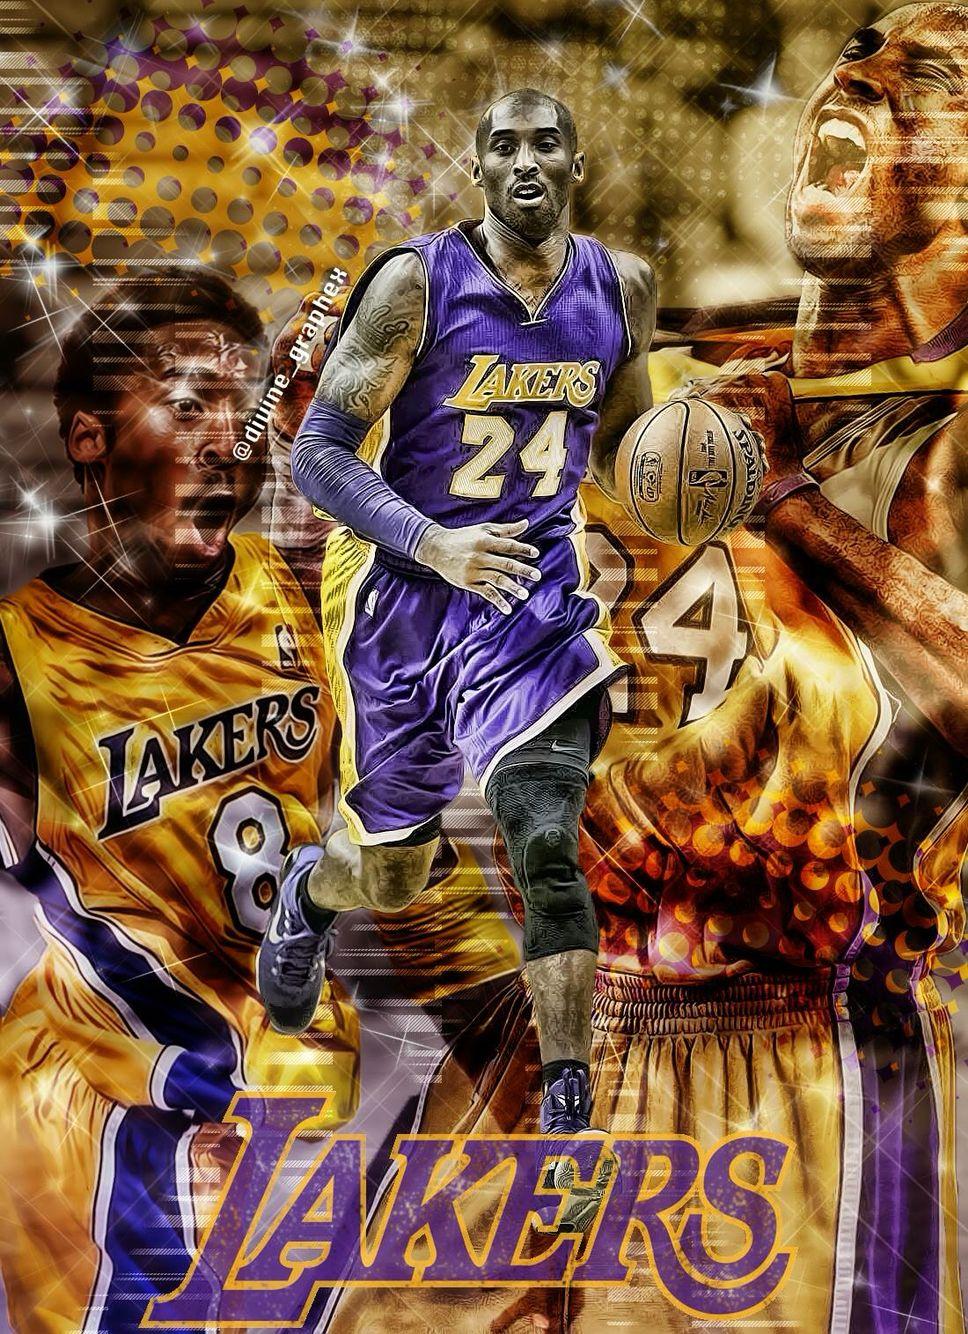 Kobe Bryant The Black Mamba Kobe Bryant Lakers Kobe Bryant Kobe Bryant Black Mamba Black mamba basketball black mamba kobe